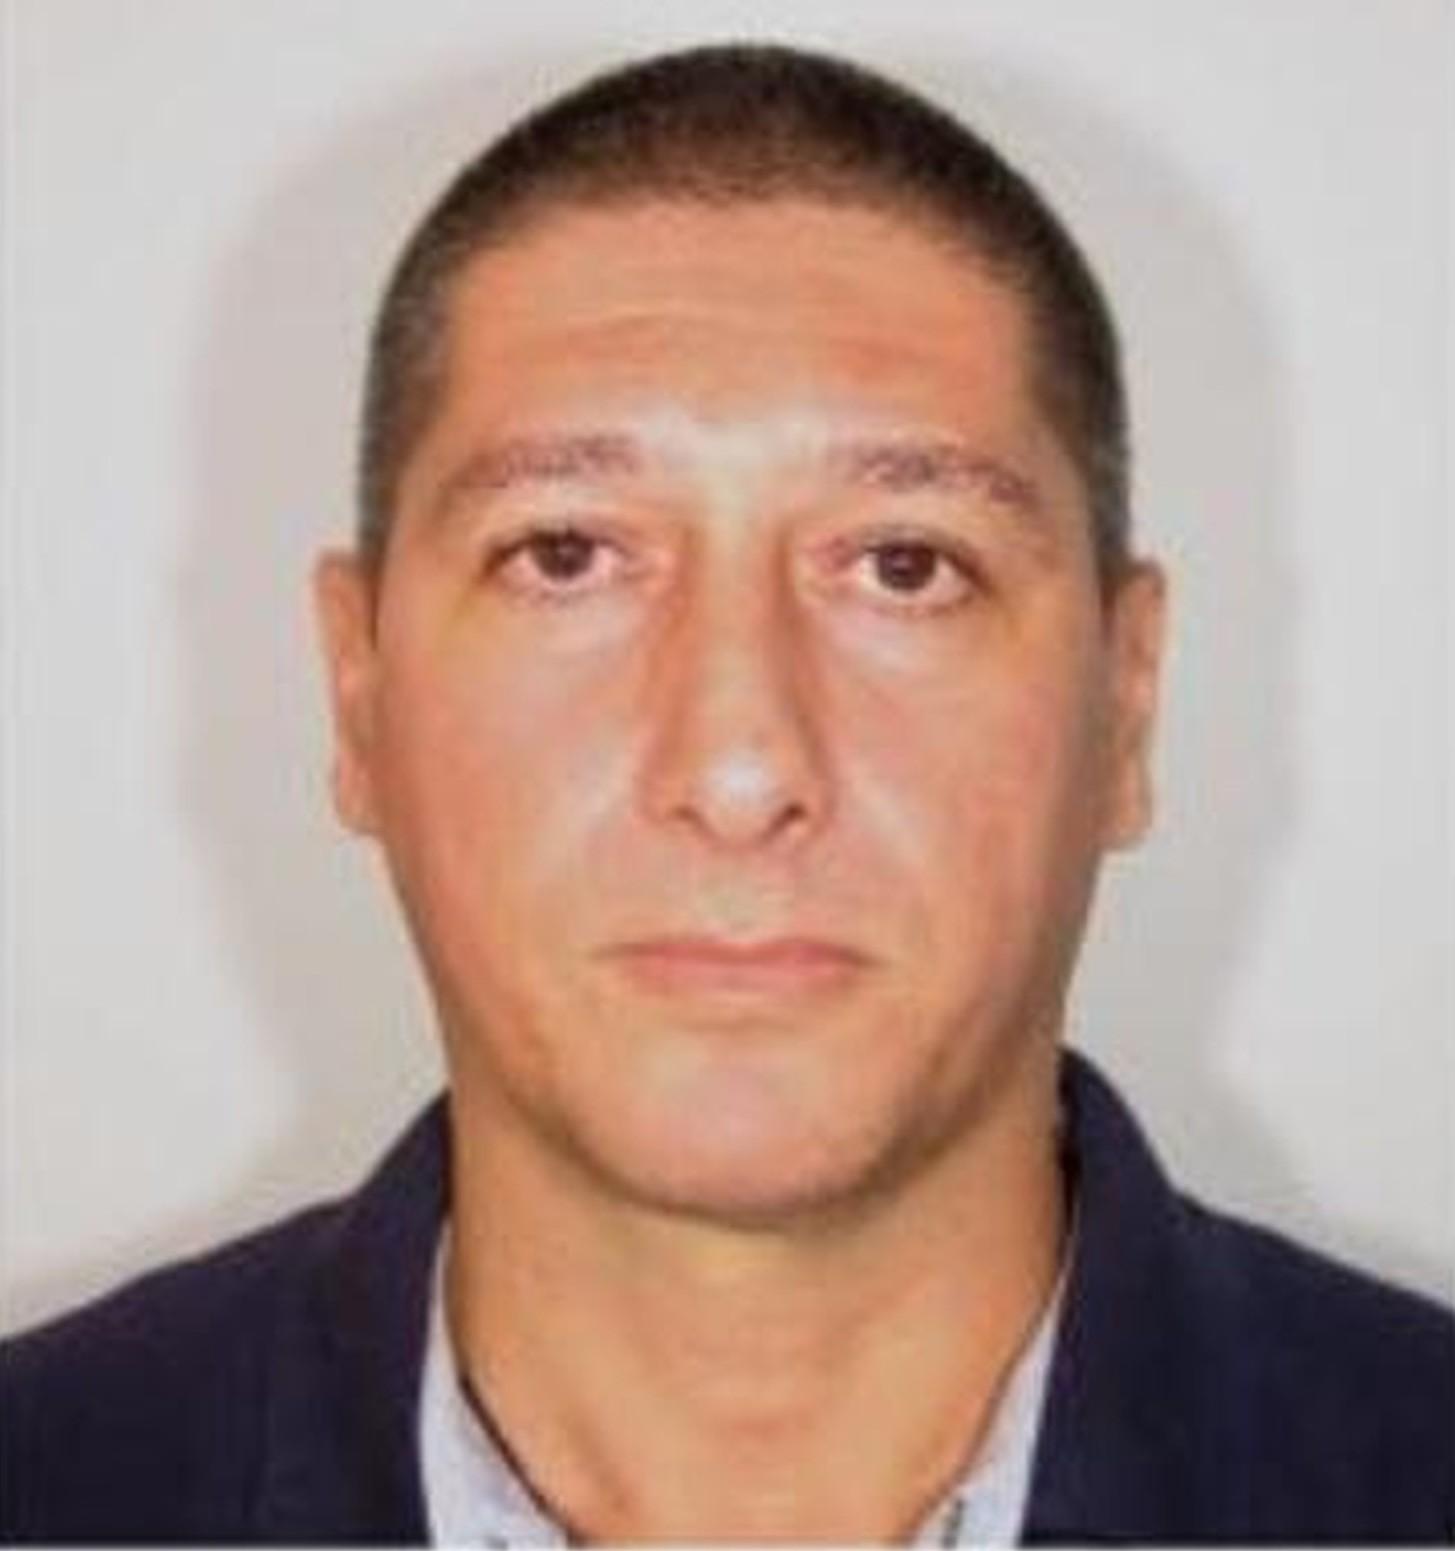 El sargento de la Policía Militar Ronnie Lessa está acusado de ser el creador material del asesinato.